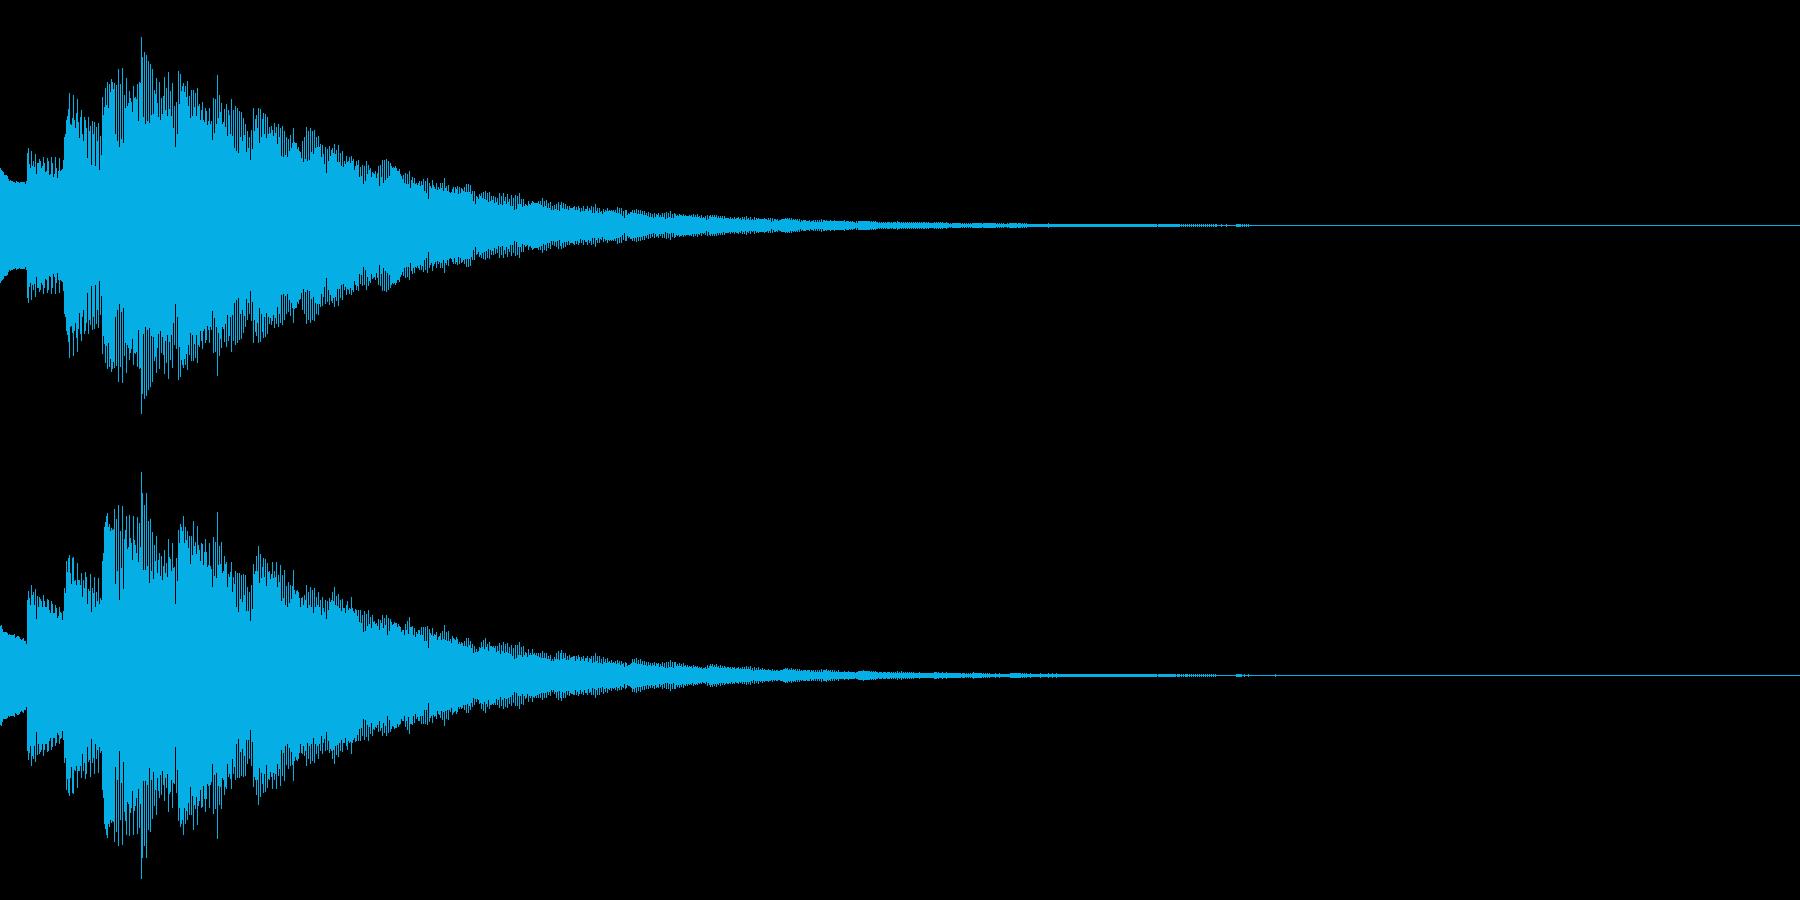 キラリン/かわいい/注目/エコーの再生済みの波形